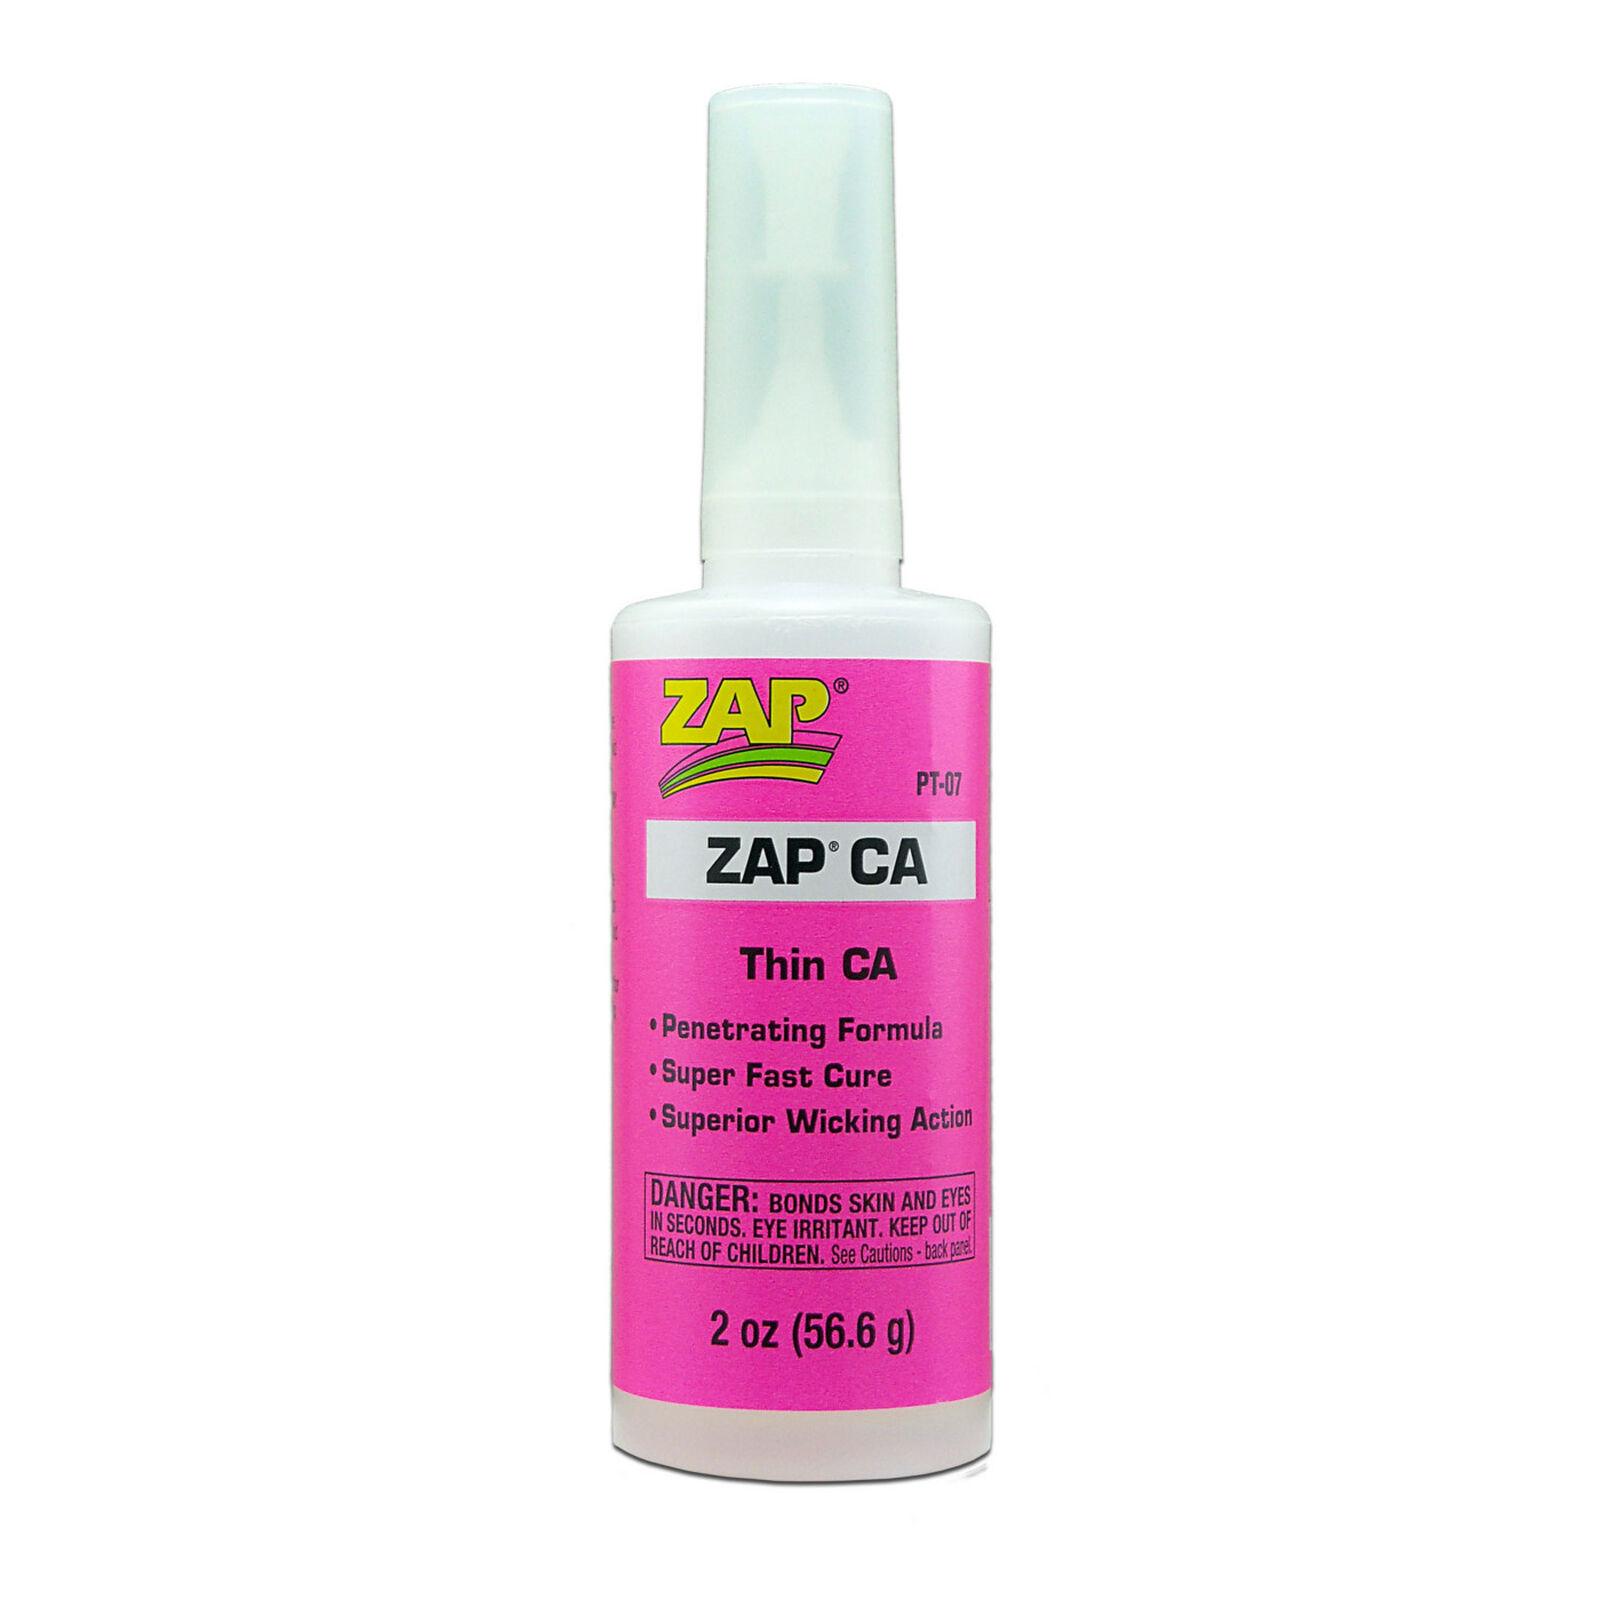 Zap Thin CA Glue, 2 oz